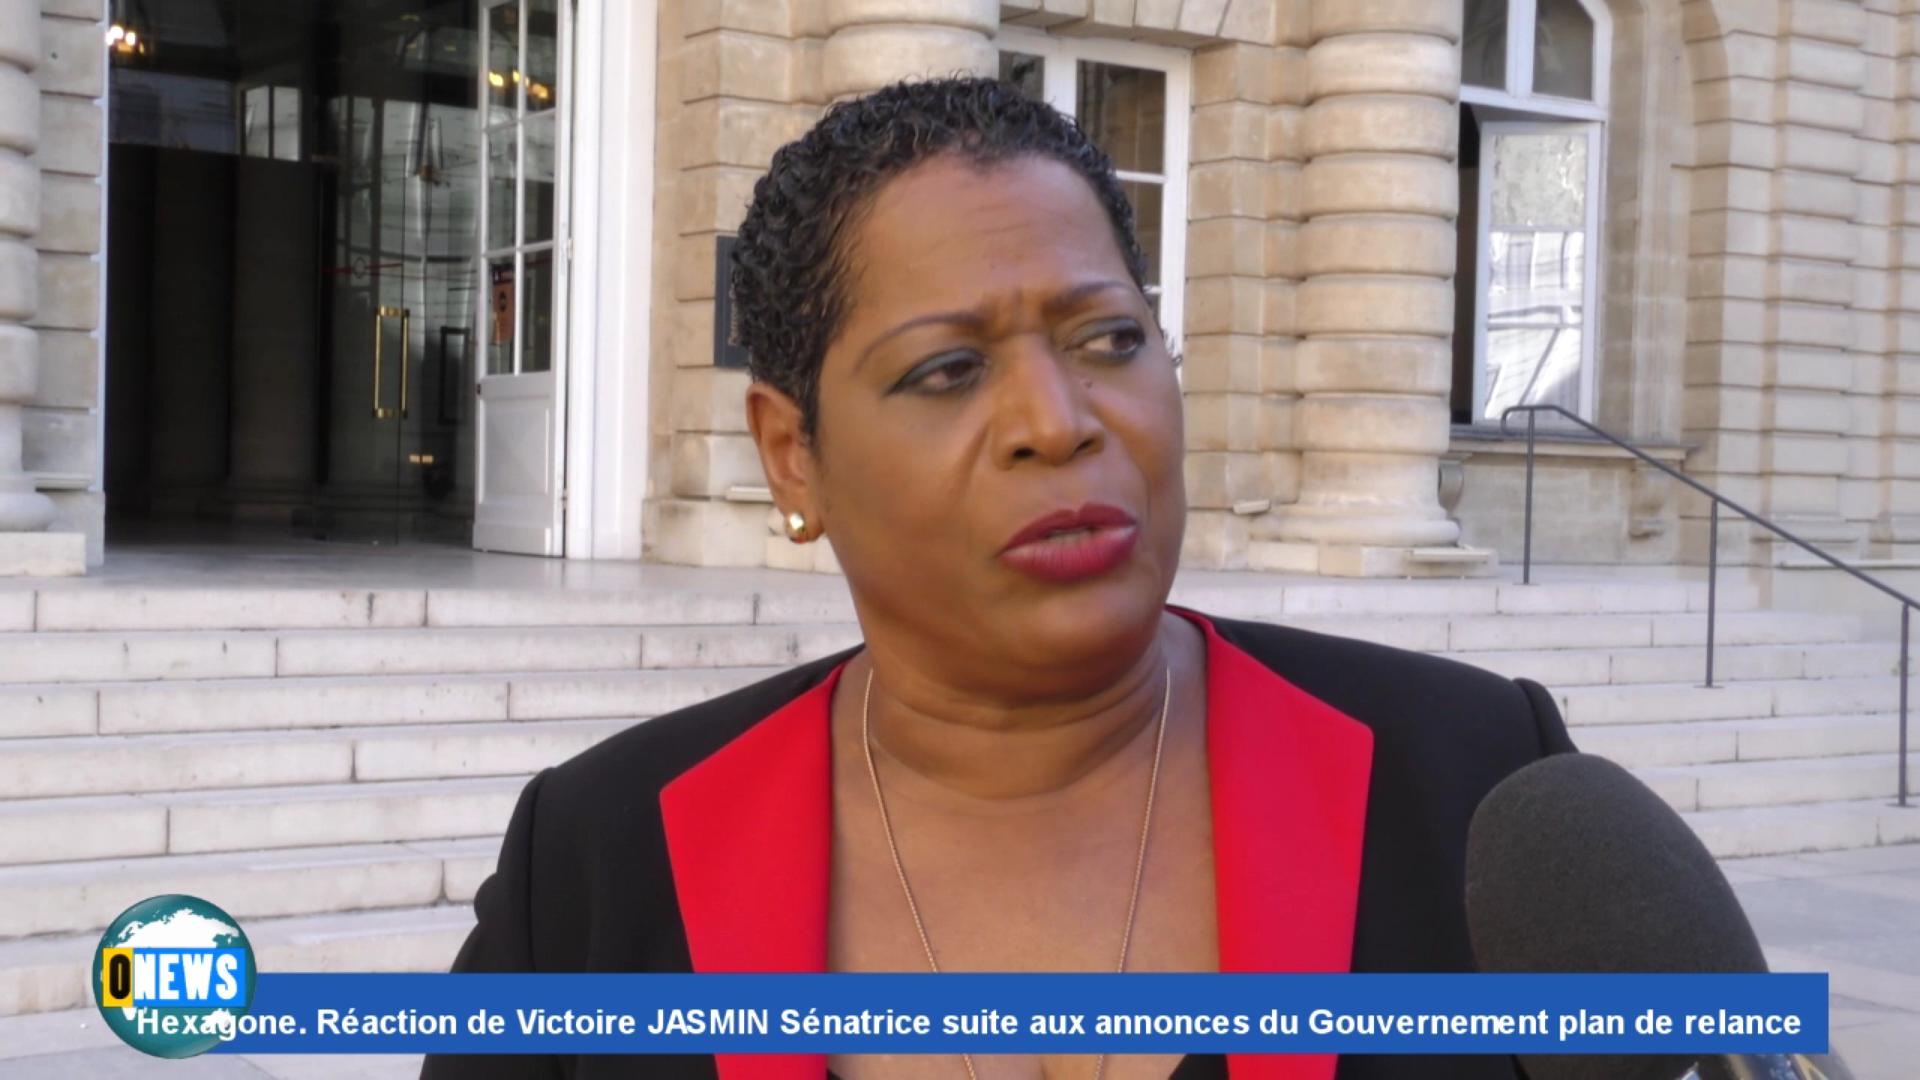 [Vidéo] Onews Hexagone. Réaction de Victoire JASMIN Sénatrice suite aux annonces du Gouvernement plan de relance